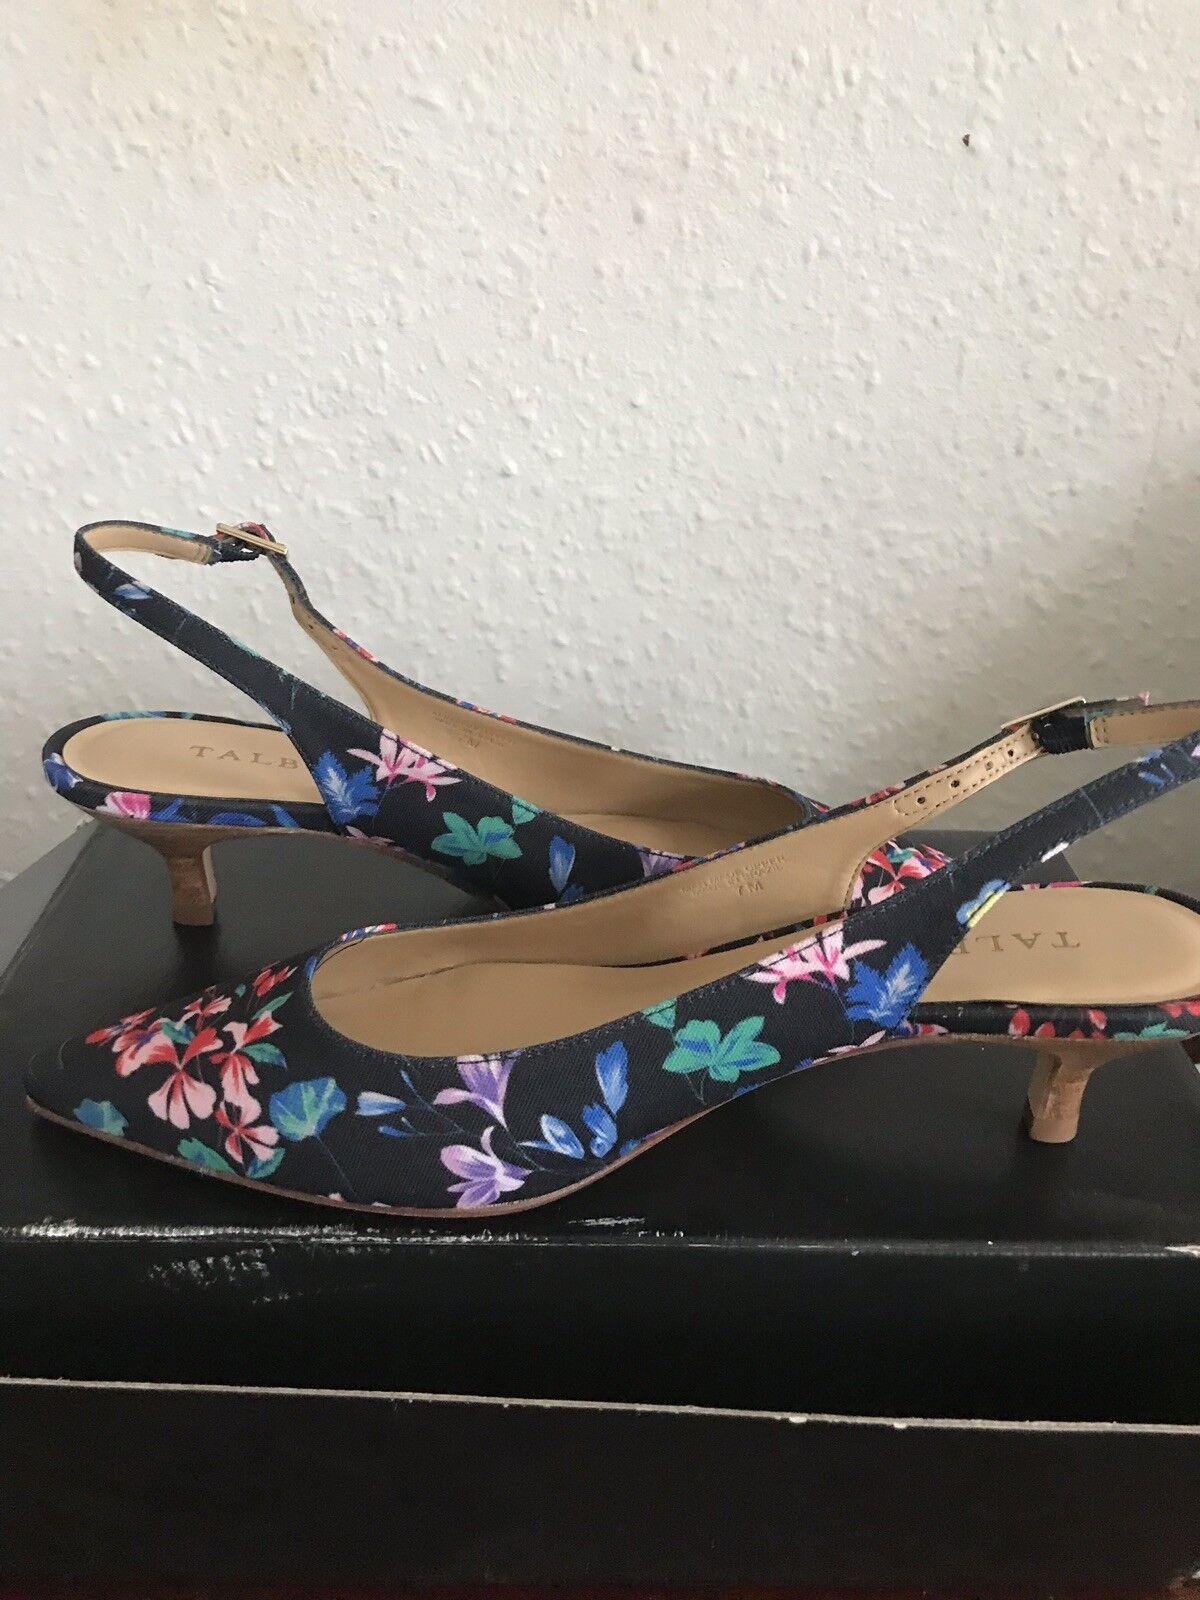 Talbots Floral Kitten Kitten Kitten Heel shoes 0e7ee1